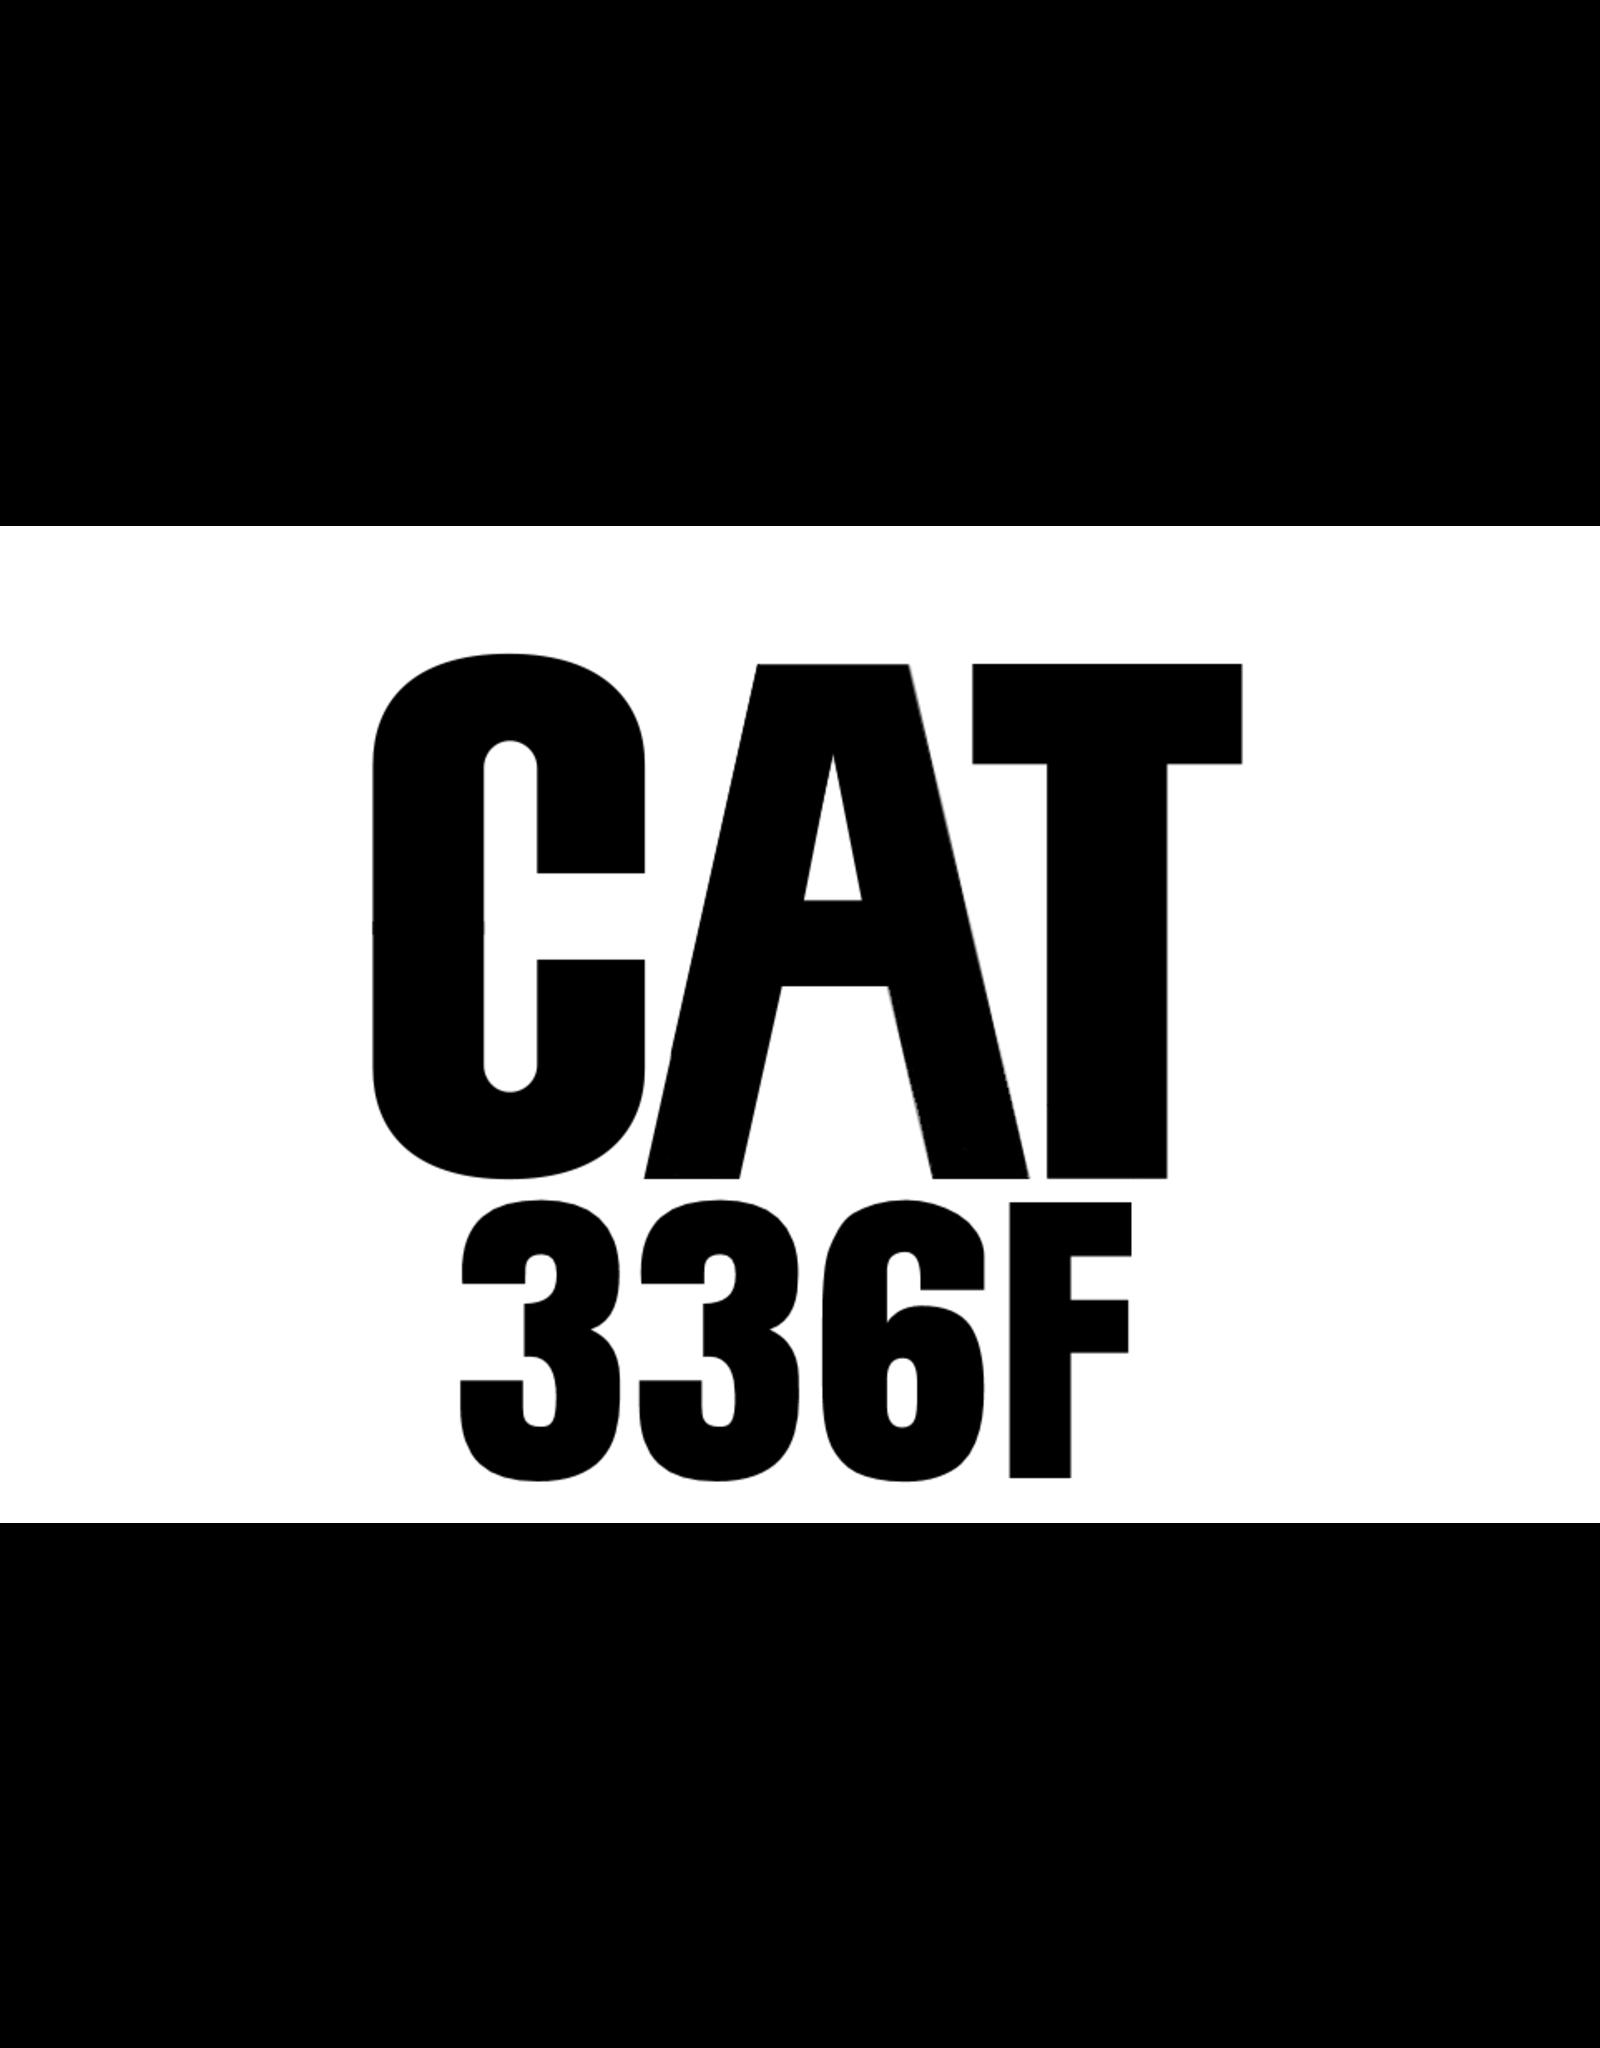 Echle Hartstahl GmbH FOPS pour CAT 336F